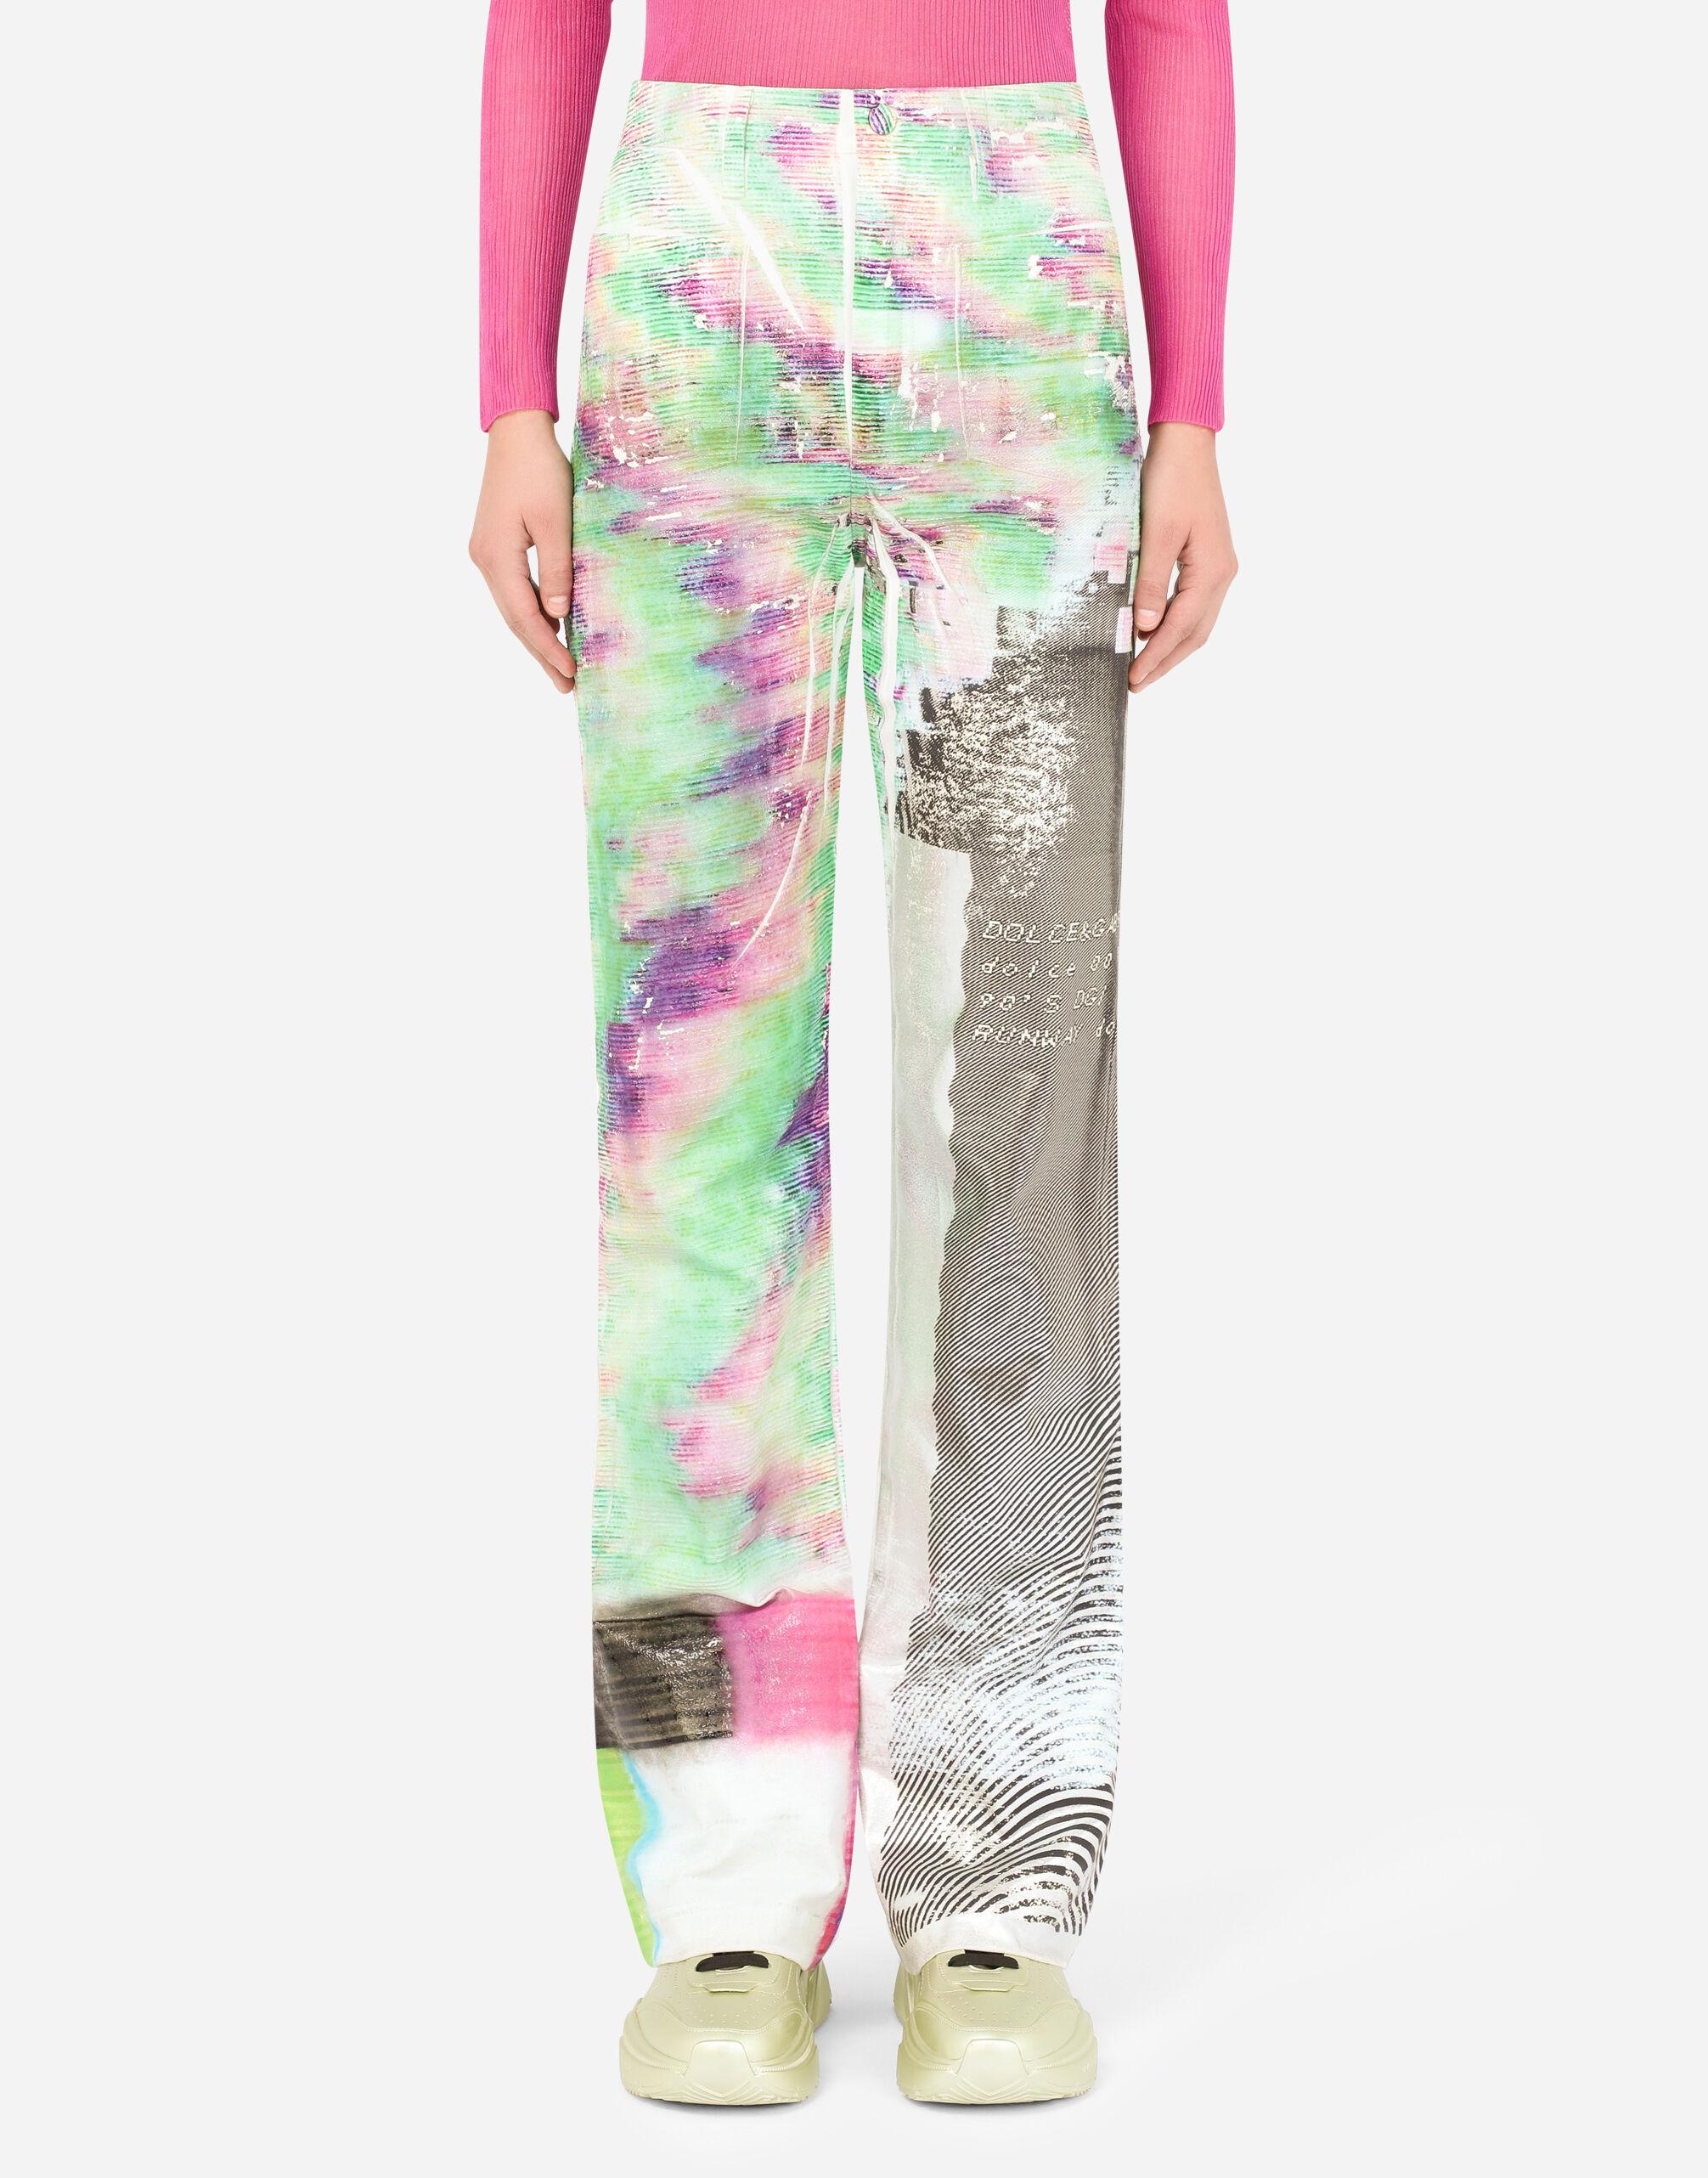 Jeans flare stampa multicolor glitch laminata